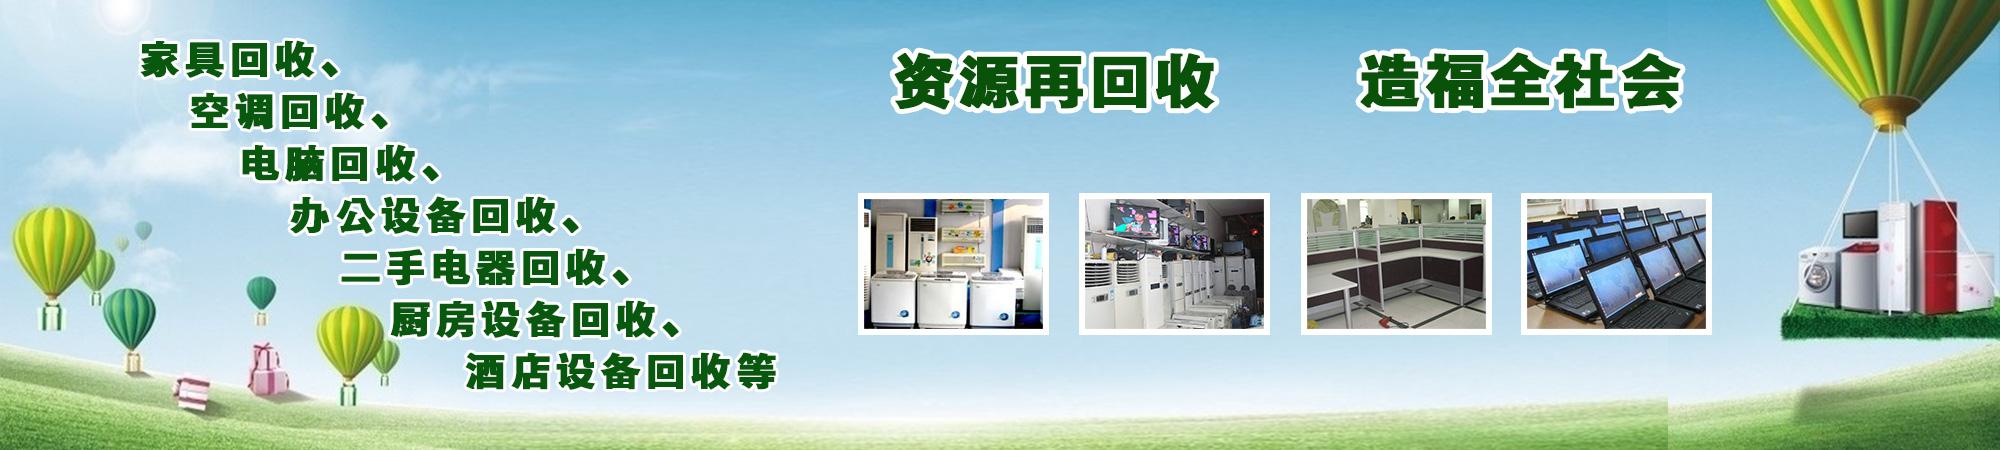 天津家具回收,办公家具回收,厨房设备回收